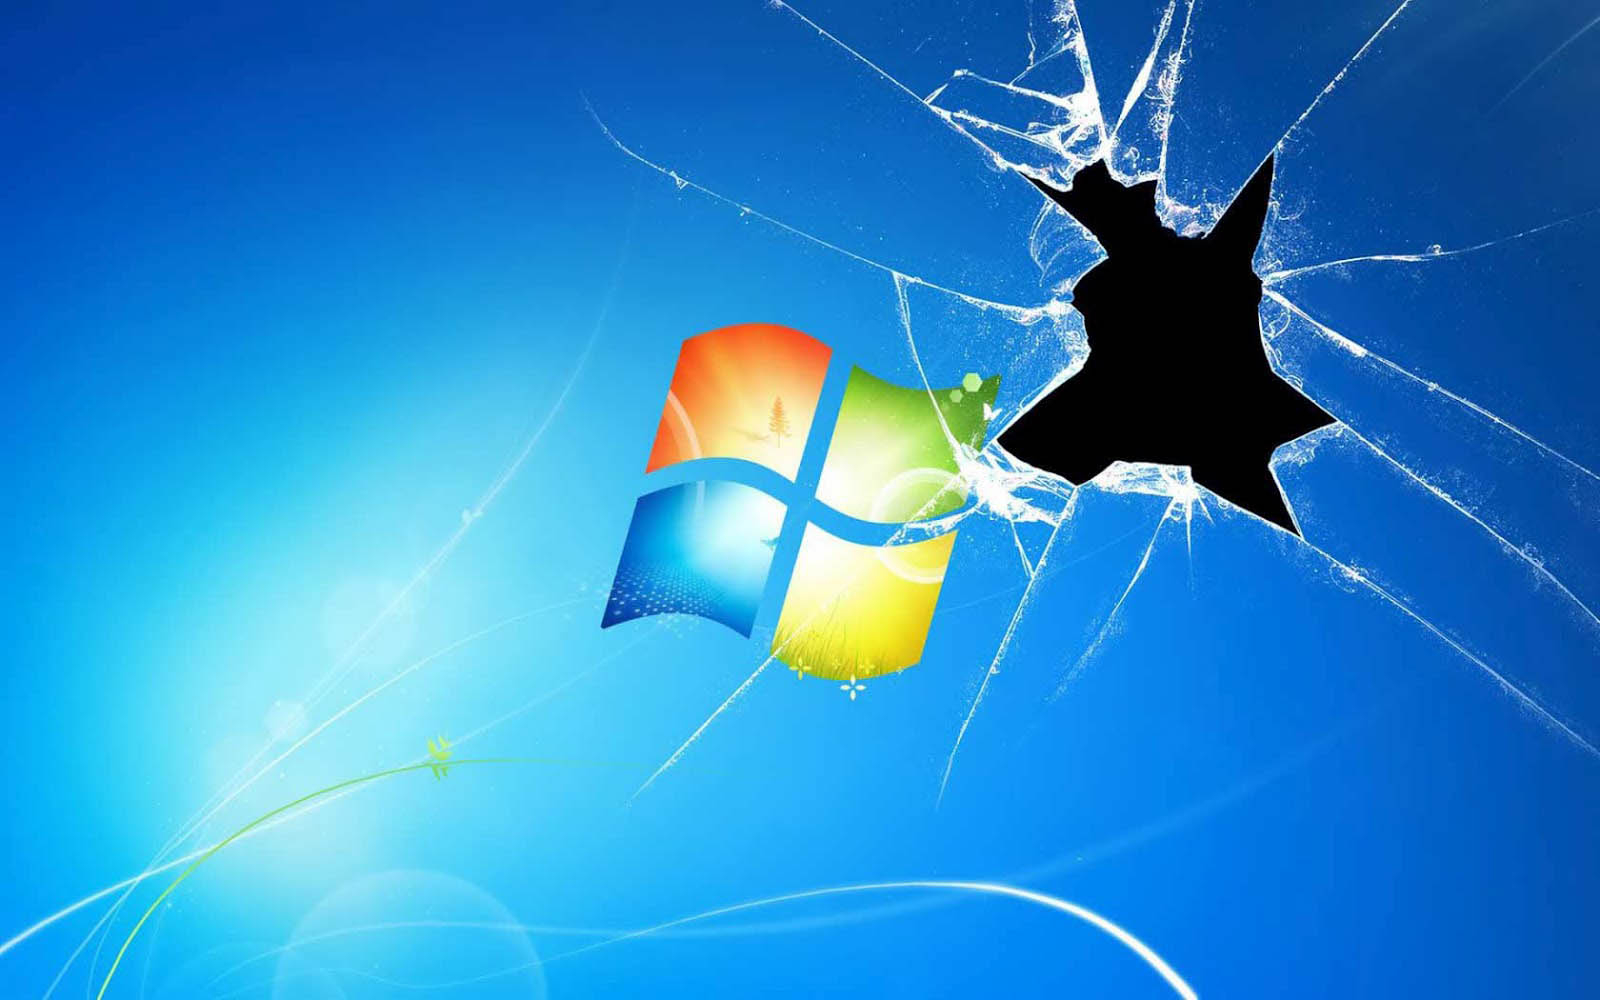 wallpapers: Windows Broken Glass Wallpapers